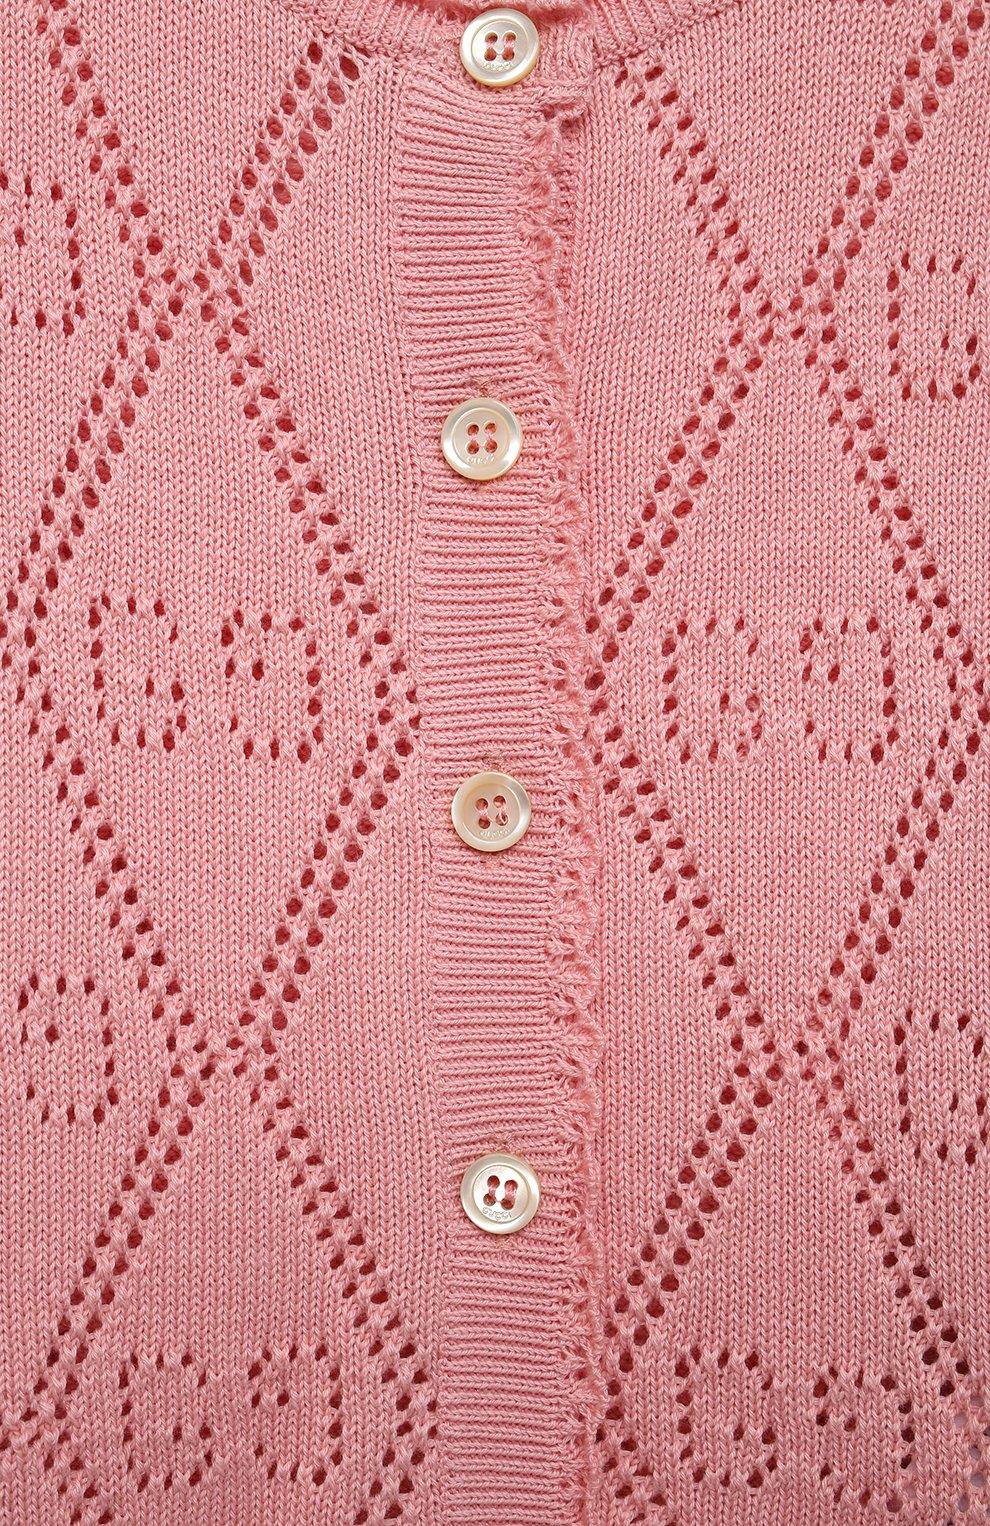 Детский хлопковый кардиган GUCCI розового цвета, арт. 642843/XKBQ0 | Фото 3 (Рукава: Длинные; Материал внешний: Хлопок; Ростовка одежда: 12 мес | 80 см, 18 мес | 86 см, 24 мес | 92 см, 36 мес | 98 см)